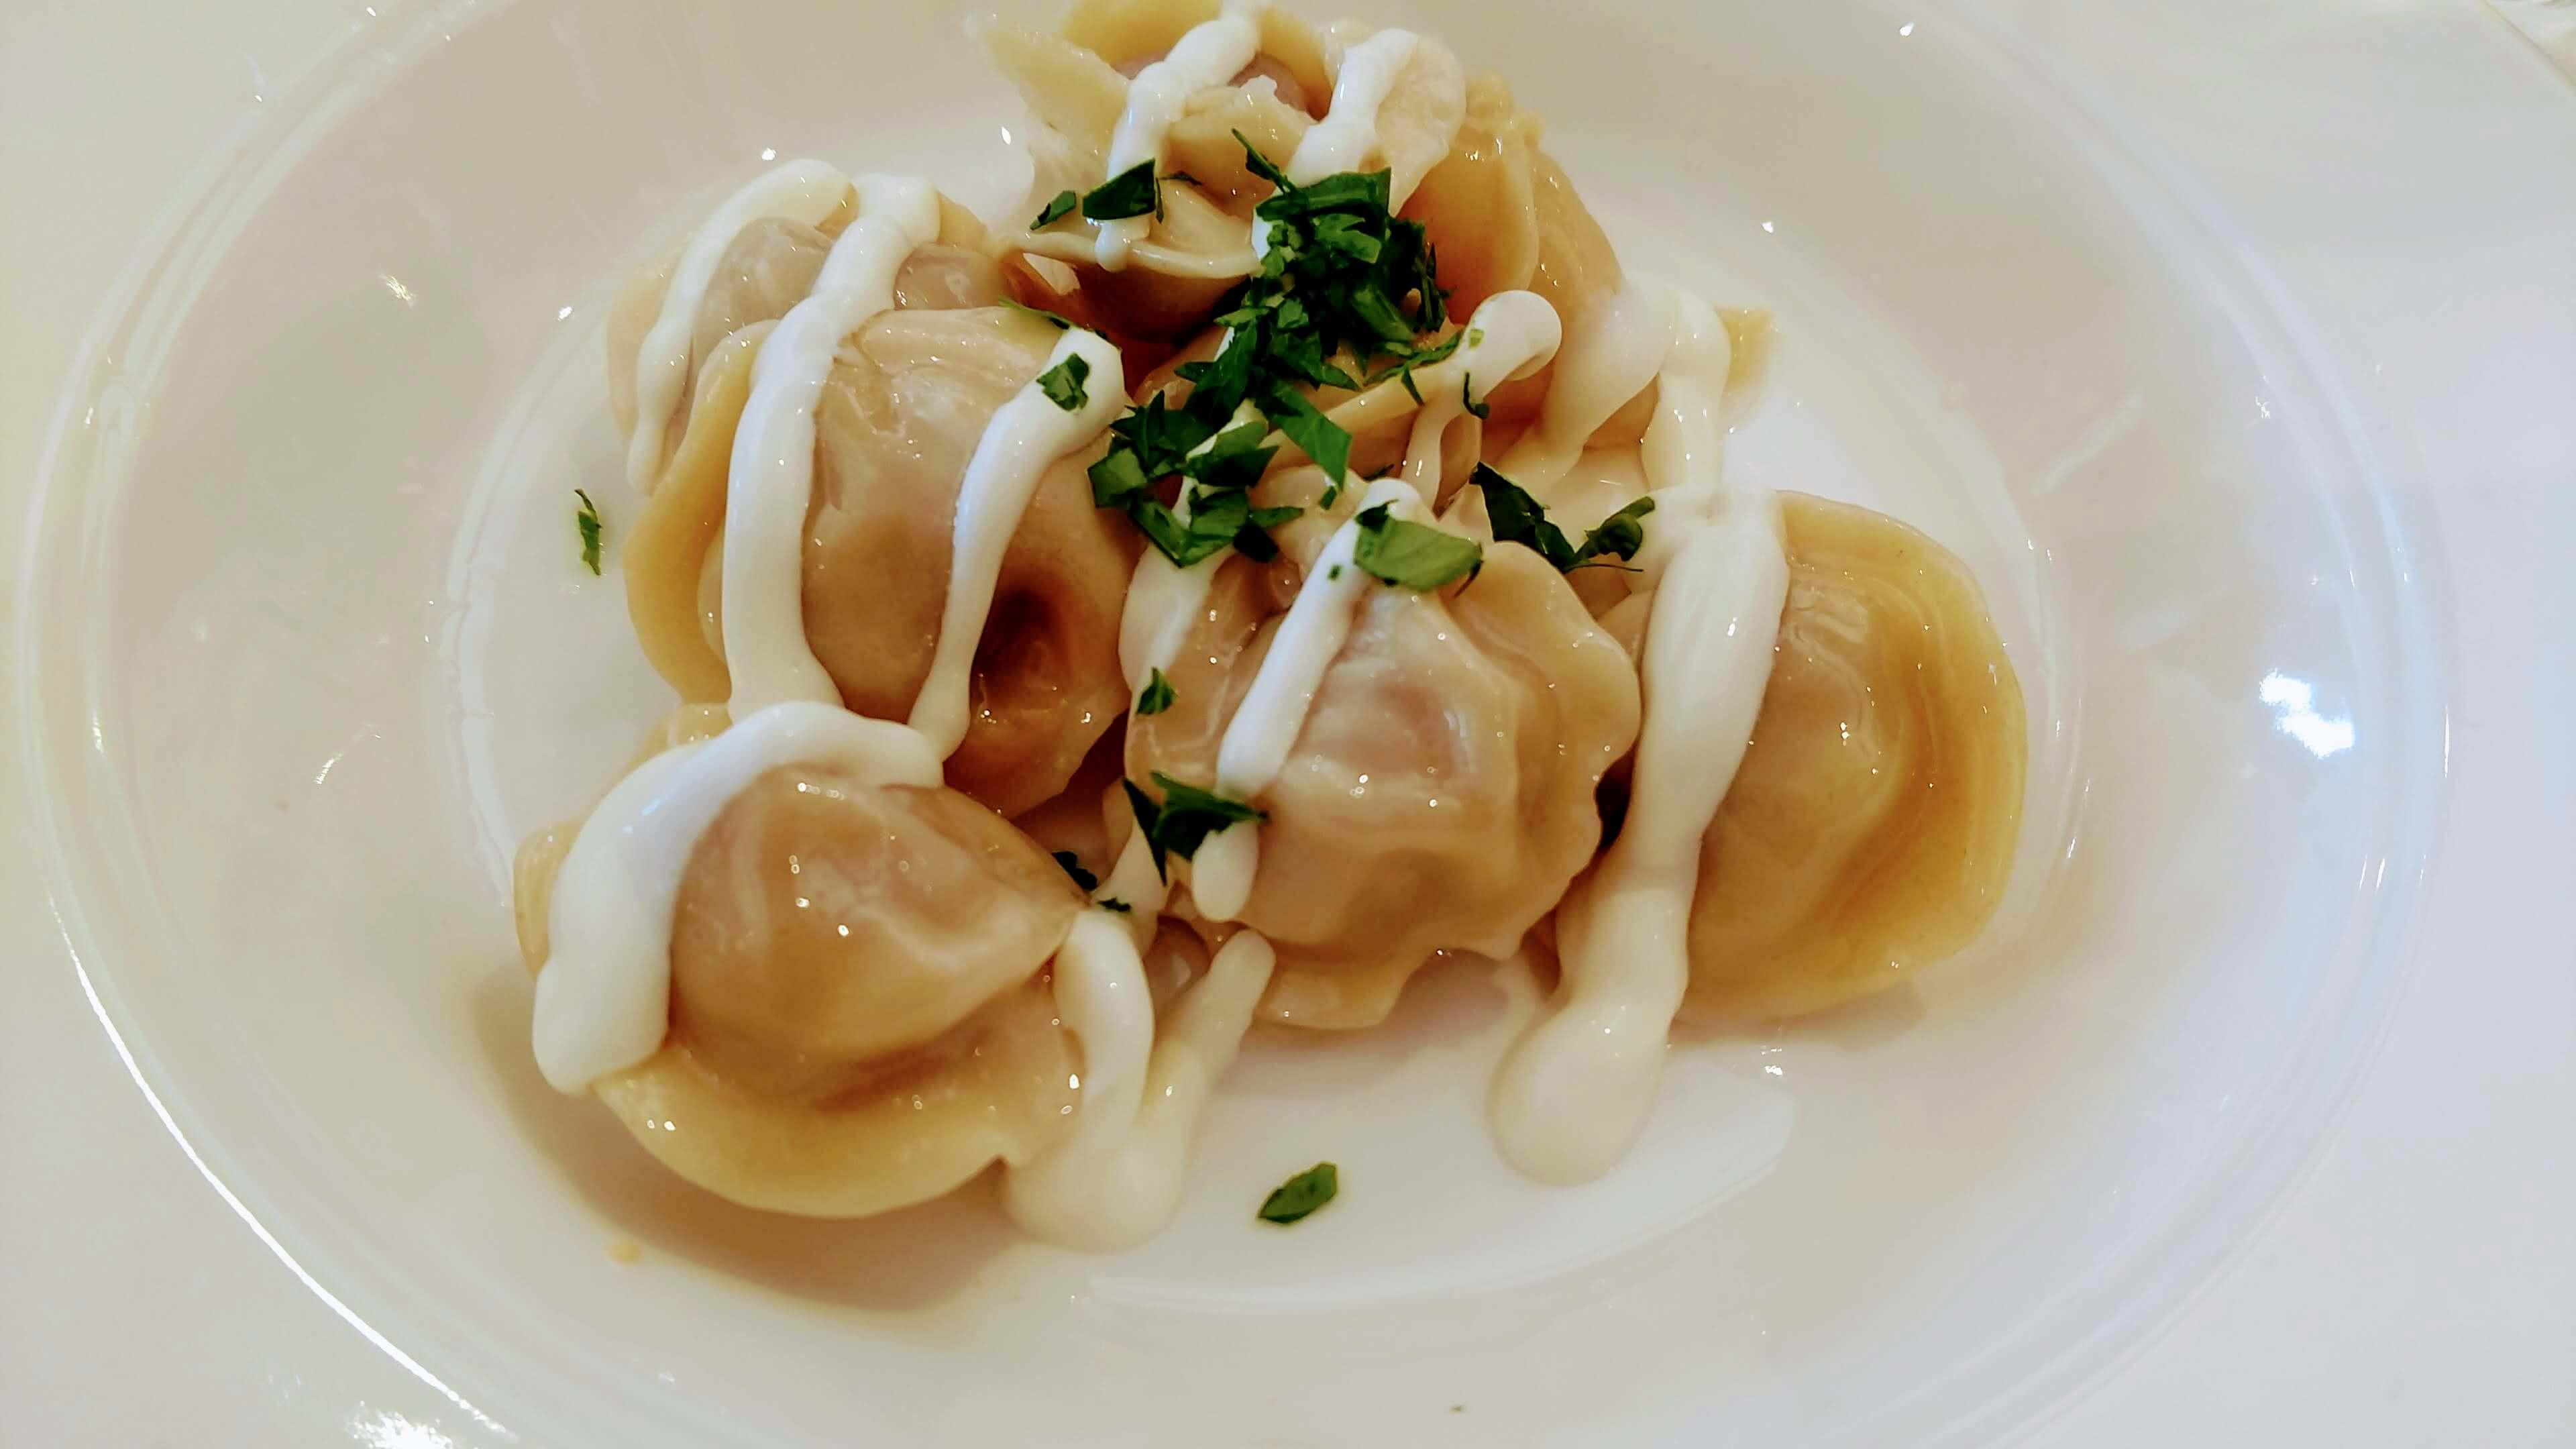 pelmeni, Russian dumplings